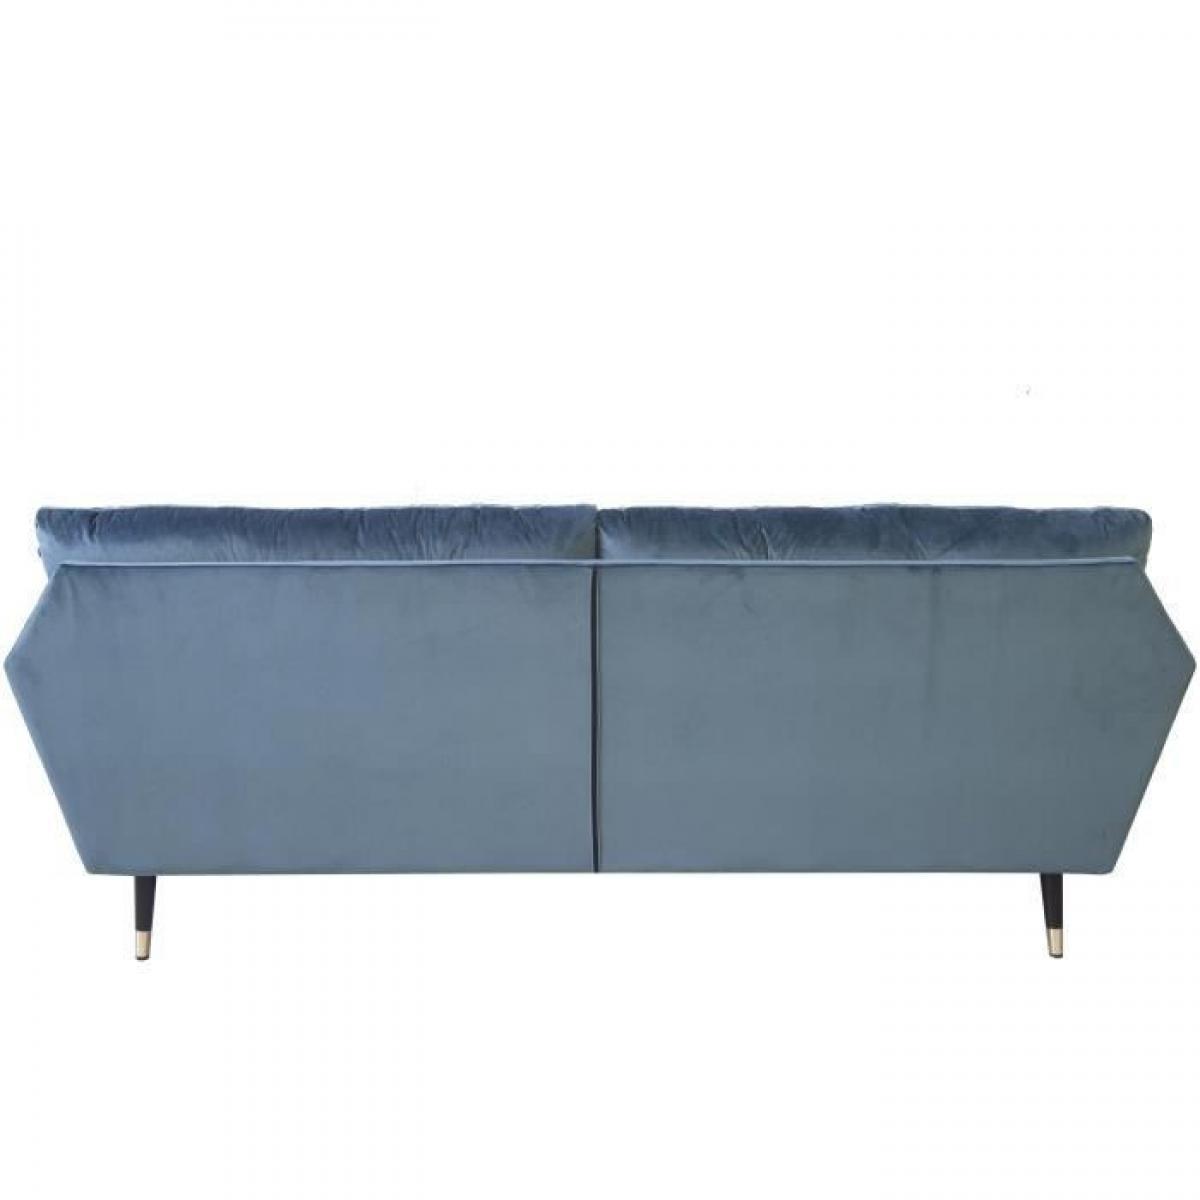 Sans Marque Canape fixe 3 places - Velours bleu - L 207 x P 93 x H 84cm - CALHERN